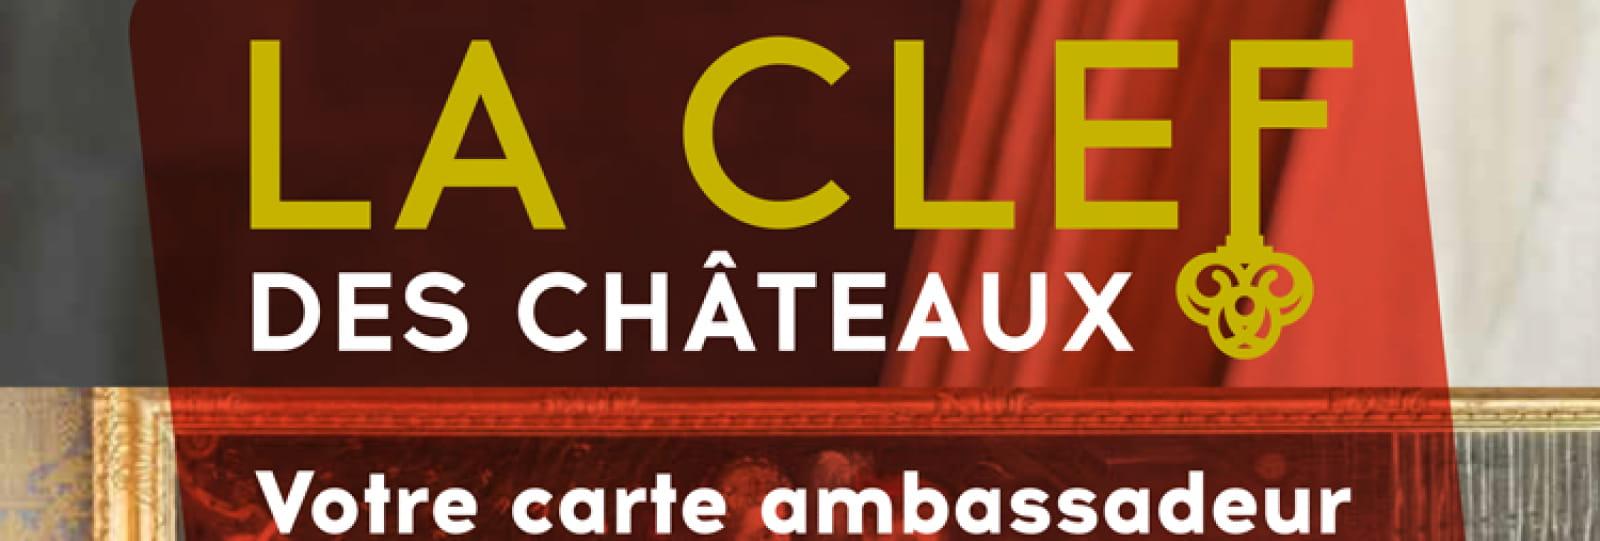 Carte ambassadeur des châteaux de la Drôme